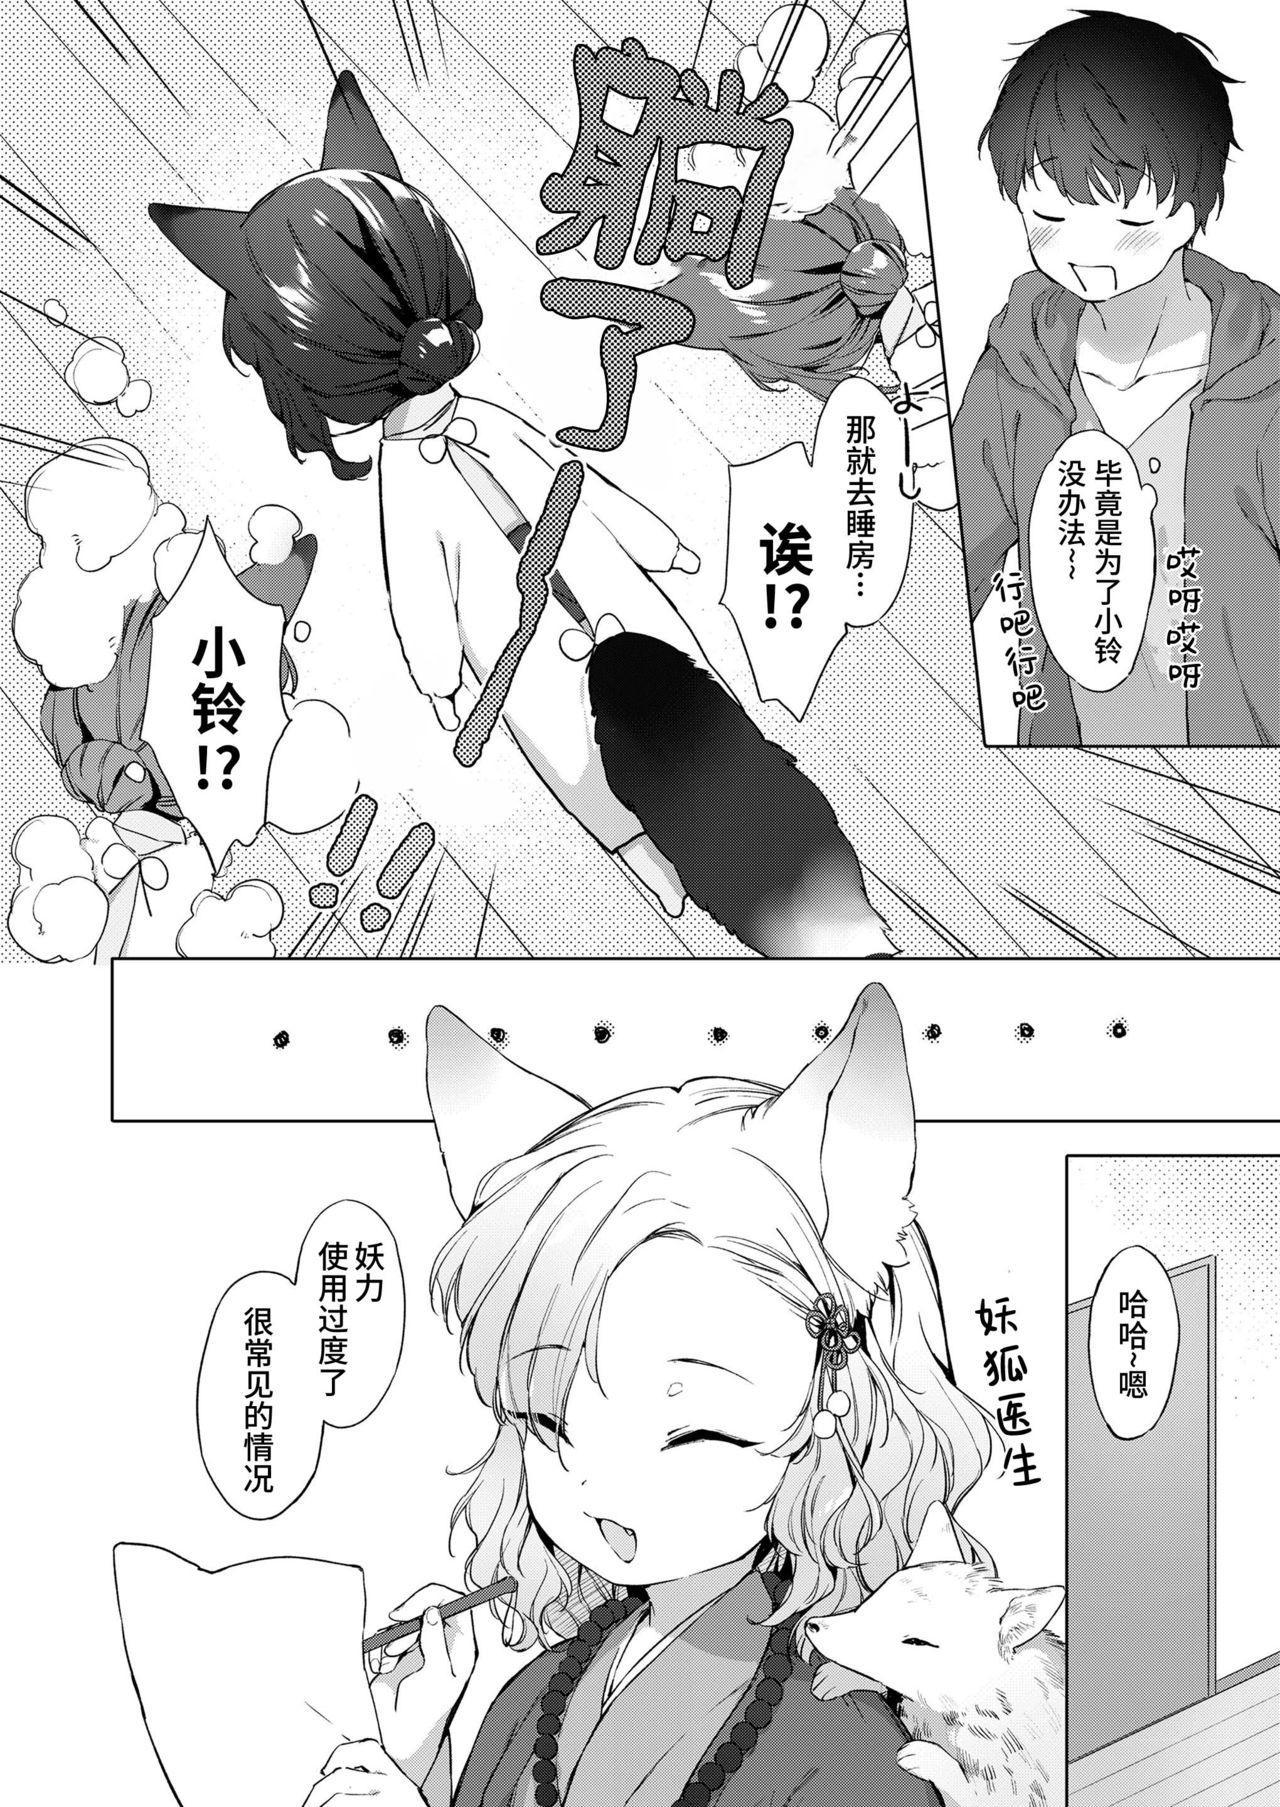 Yowai 200 Chai Okitsune-chan to Oshidori Fuufu Seikatsu. Ch. 2 | 和200岁小狐娘的鸳鸯夫妻生活 第二话 3